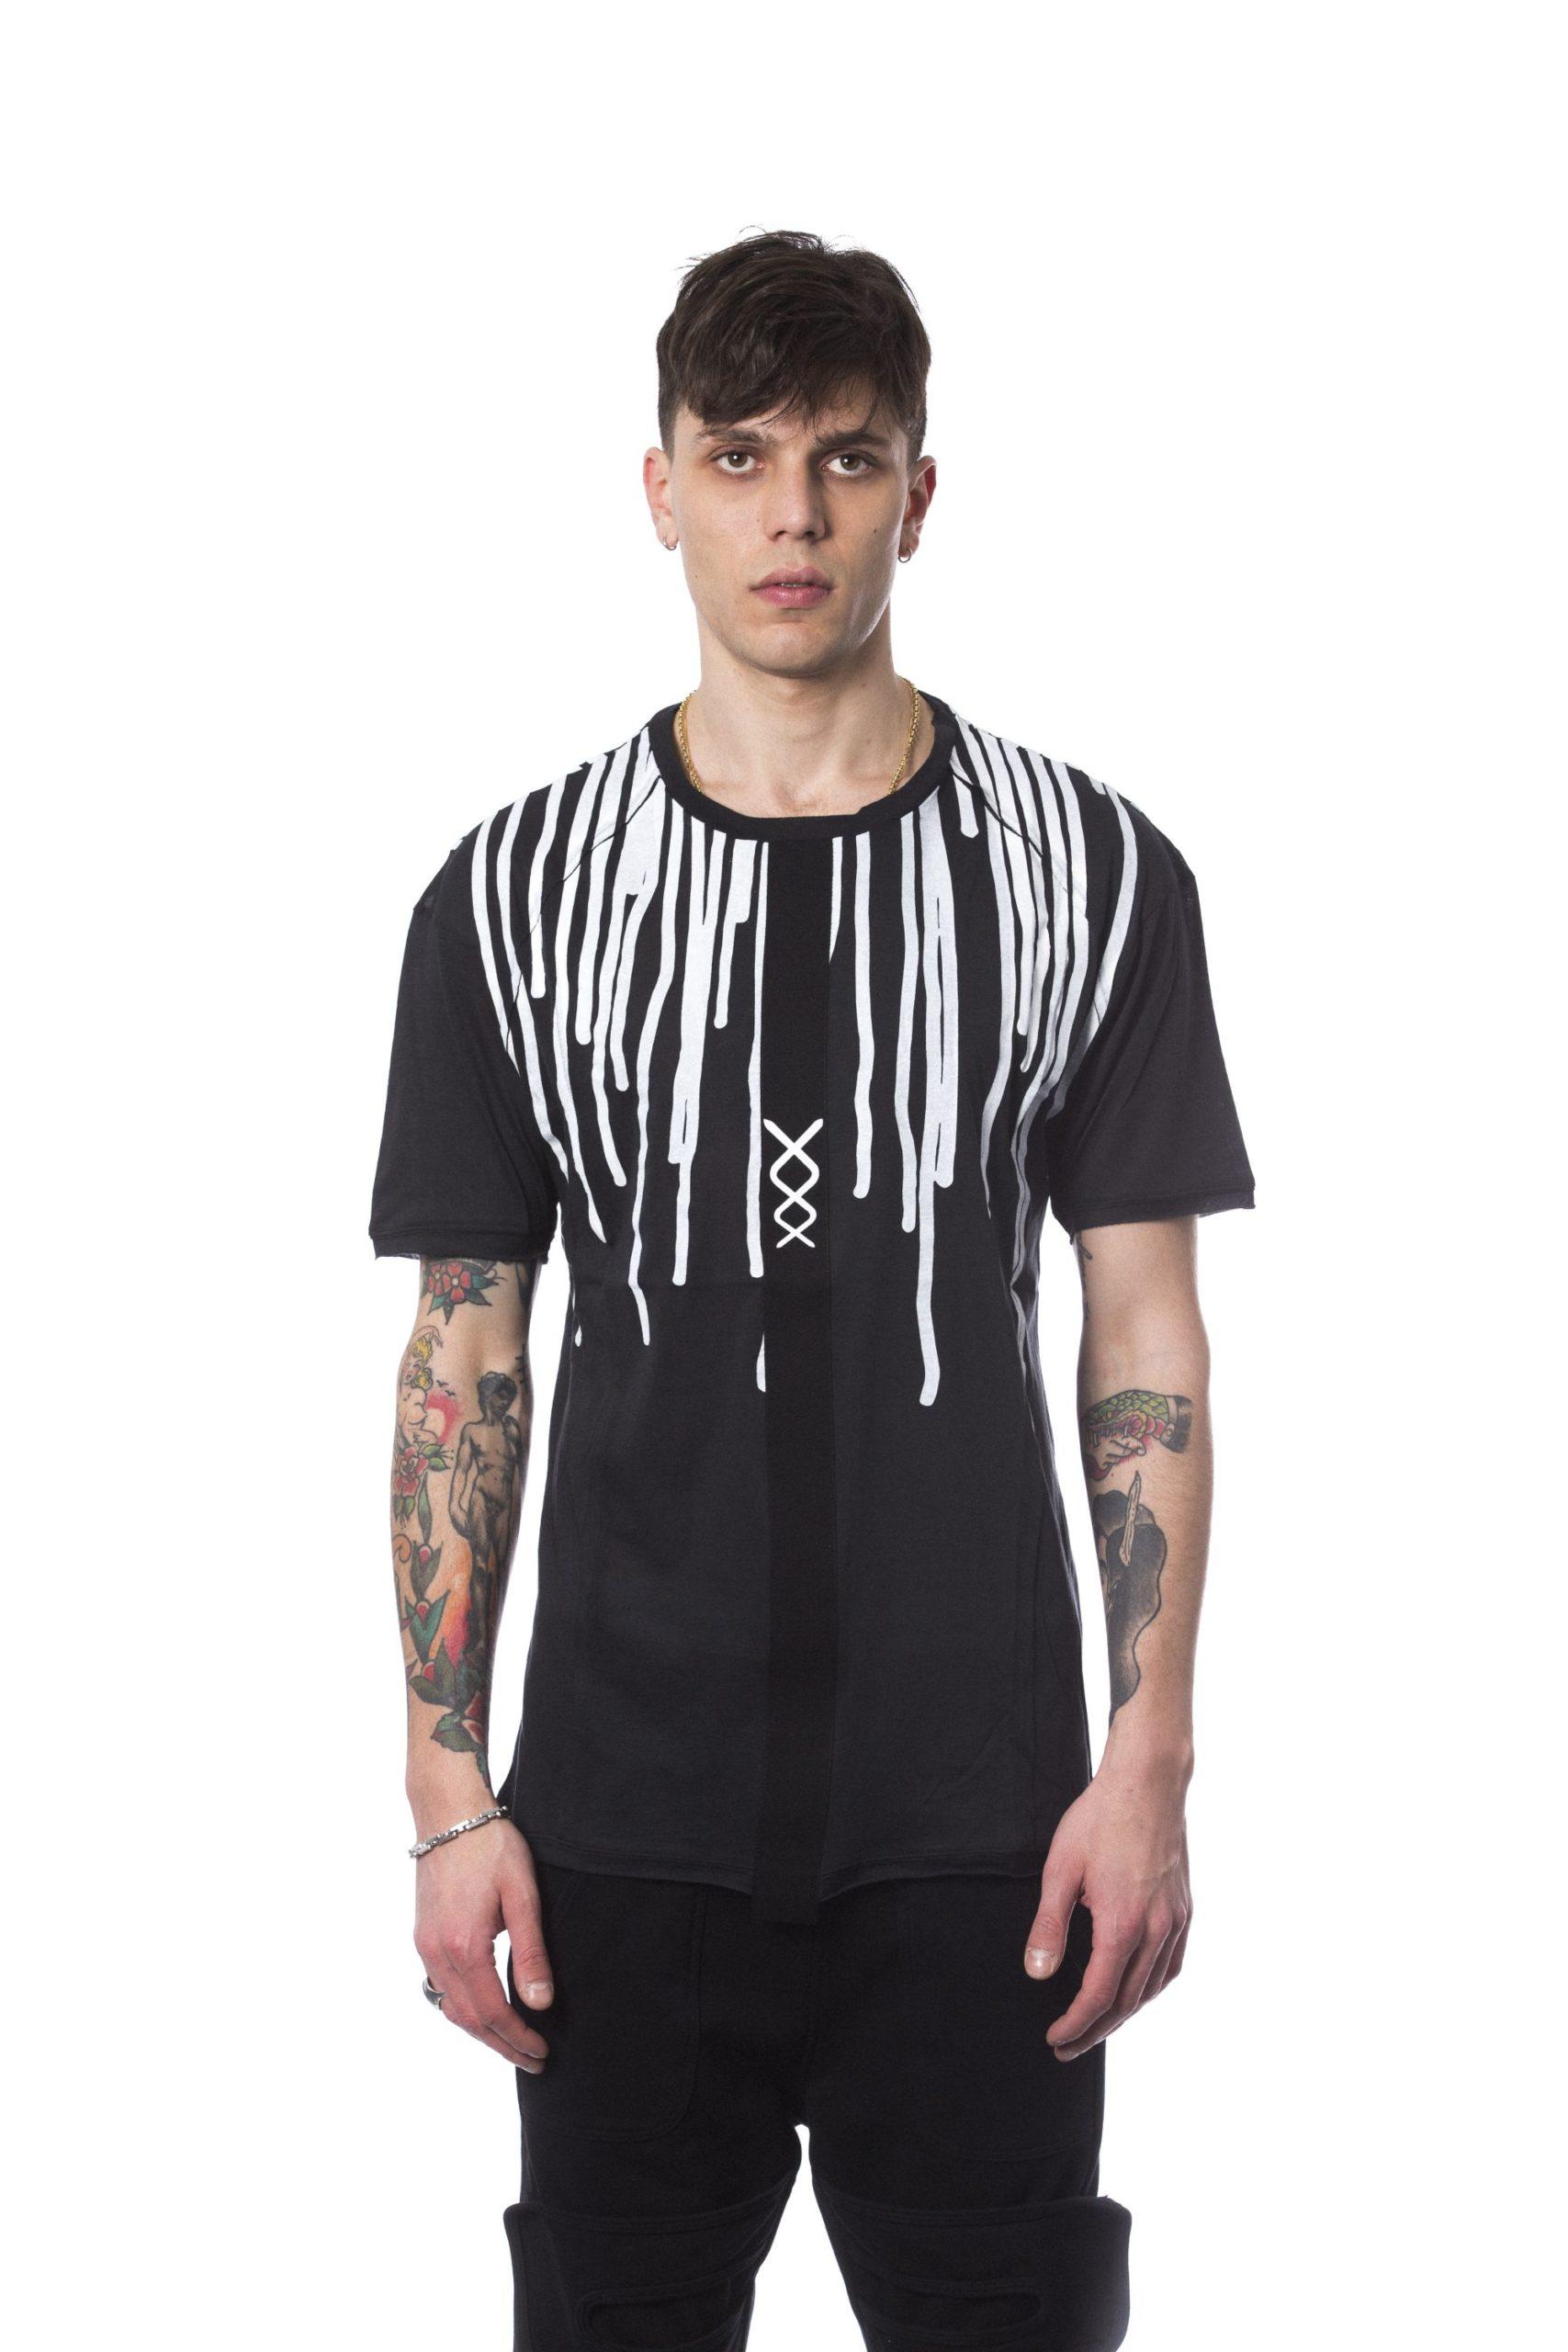 Nicolo Tonetto Men's Nero T-Shirt Black NI682021 - M